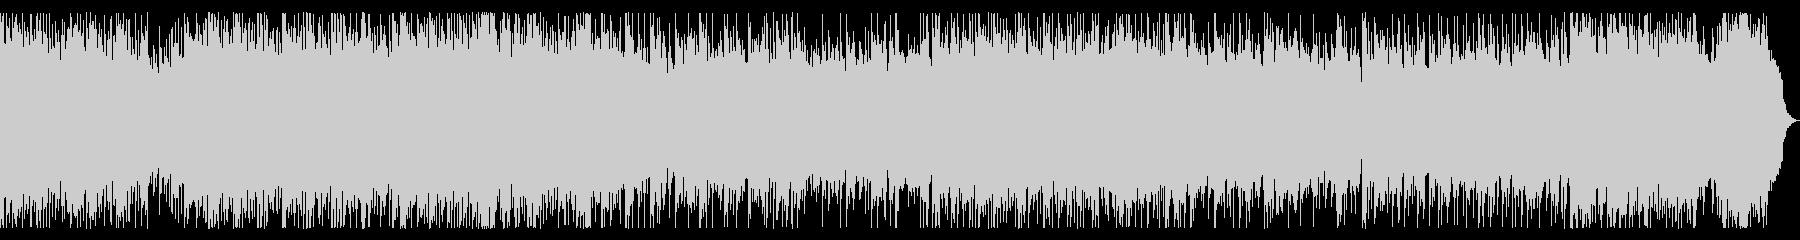 リフ、バッキング主体のメタル 戦闘曲の未再生の波形